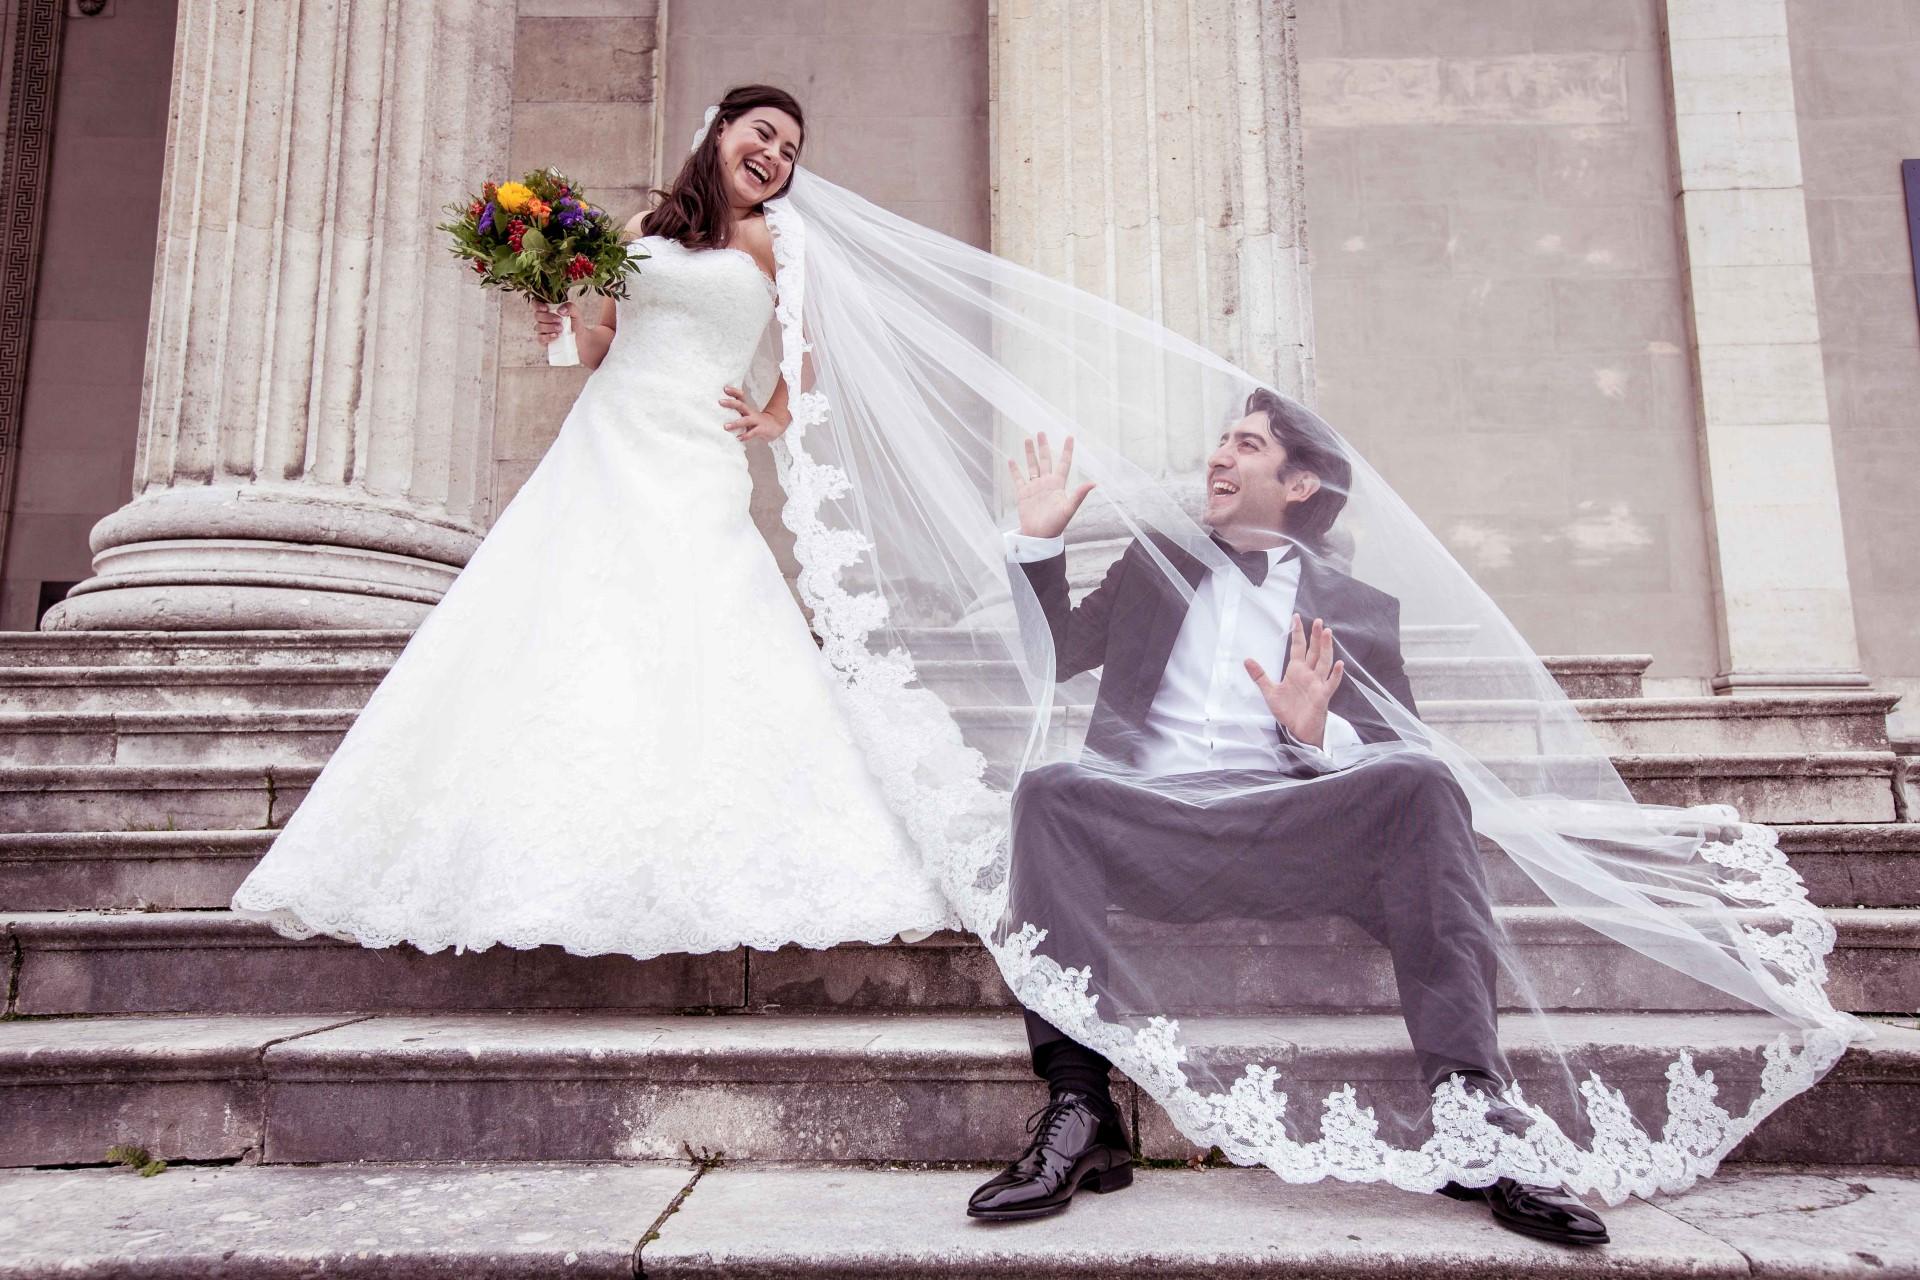 Trkische Hochzeit MnchenIhr Hochzeitsfotograf